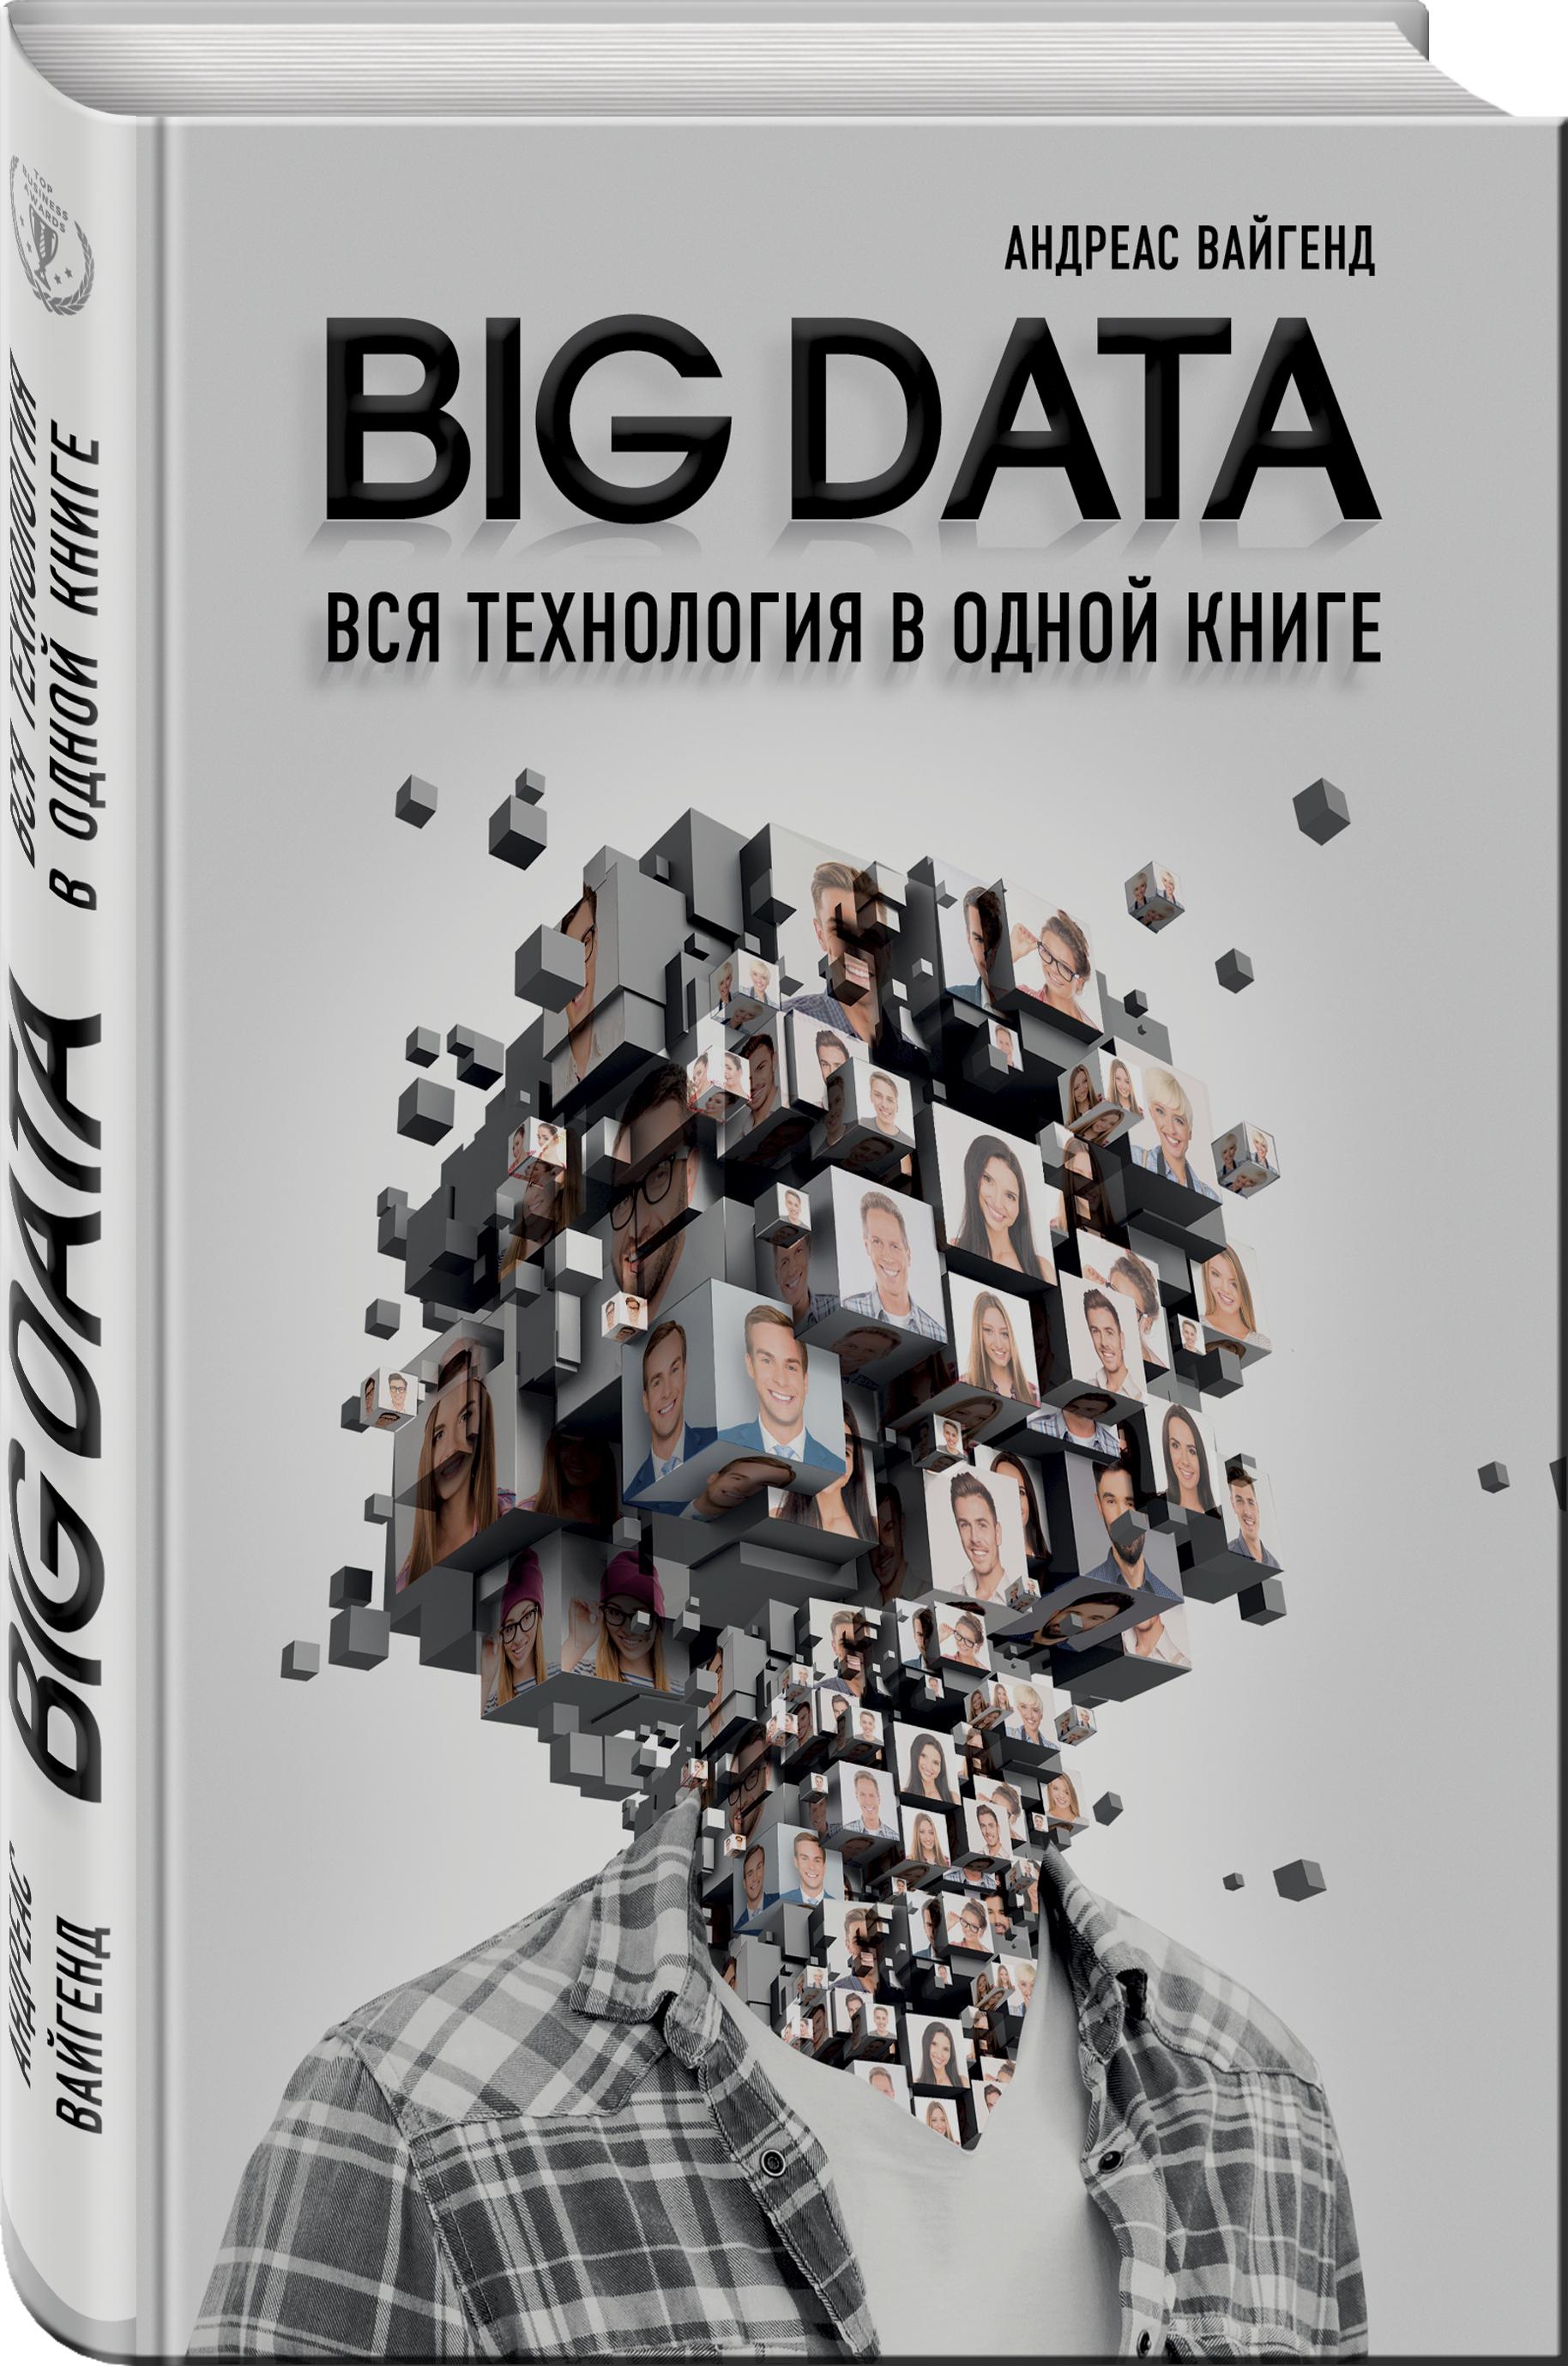 Андреас Вайгенд BIG DATA. Вся технология в одной книге тищенков о больше больше